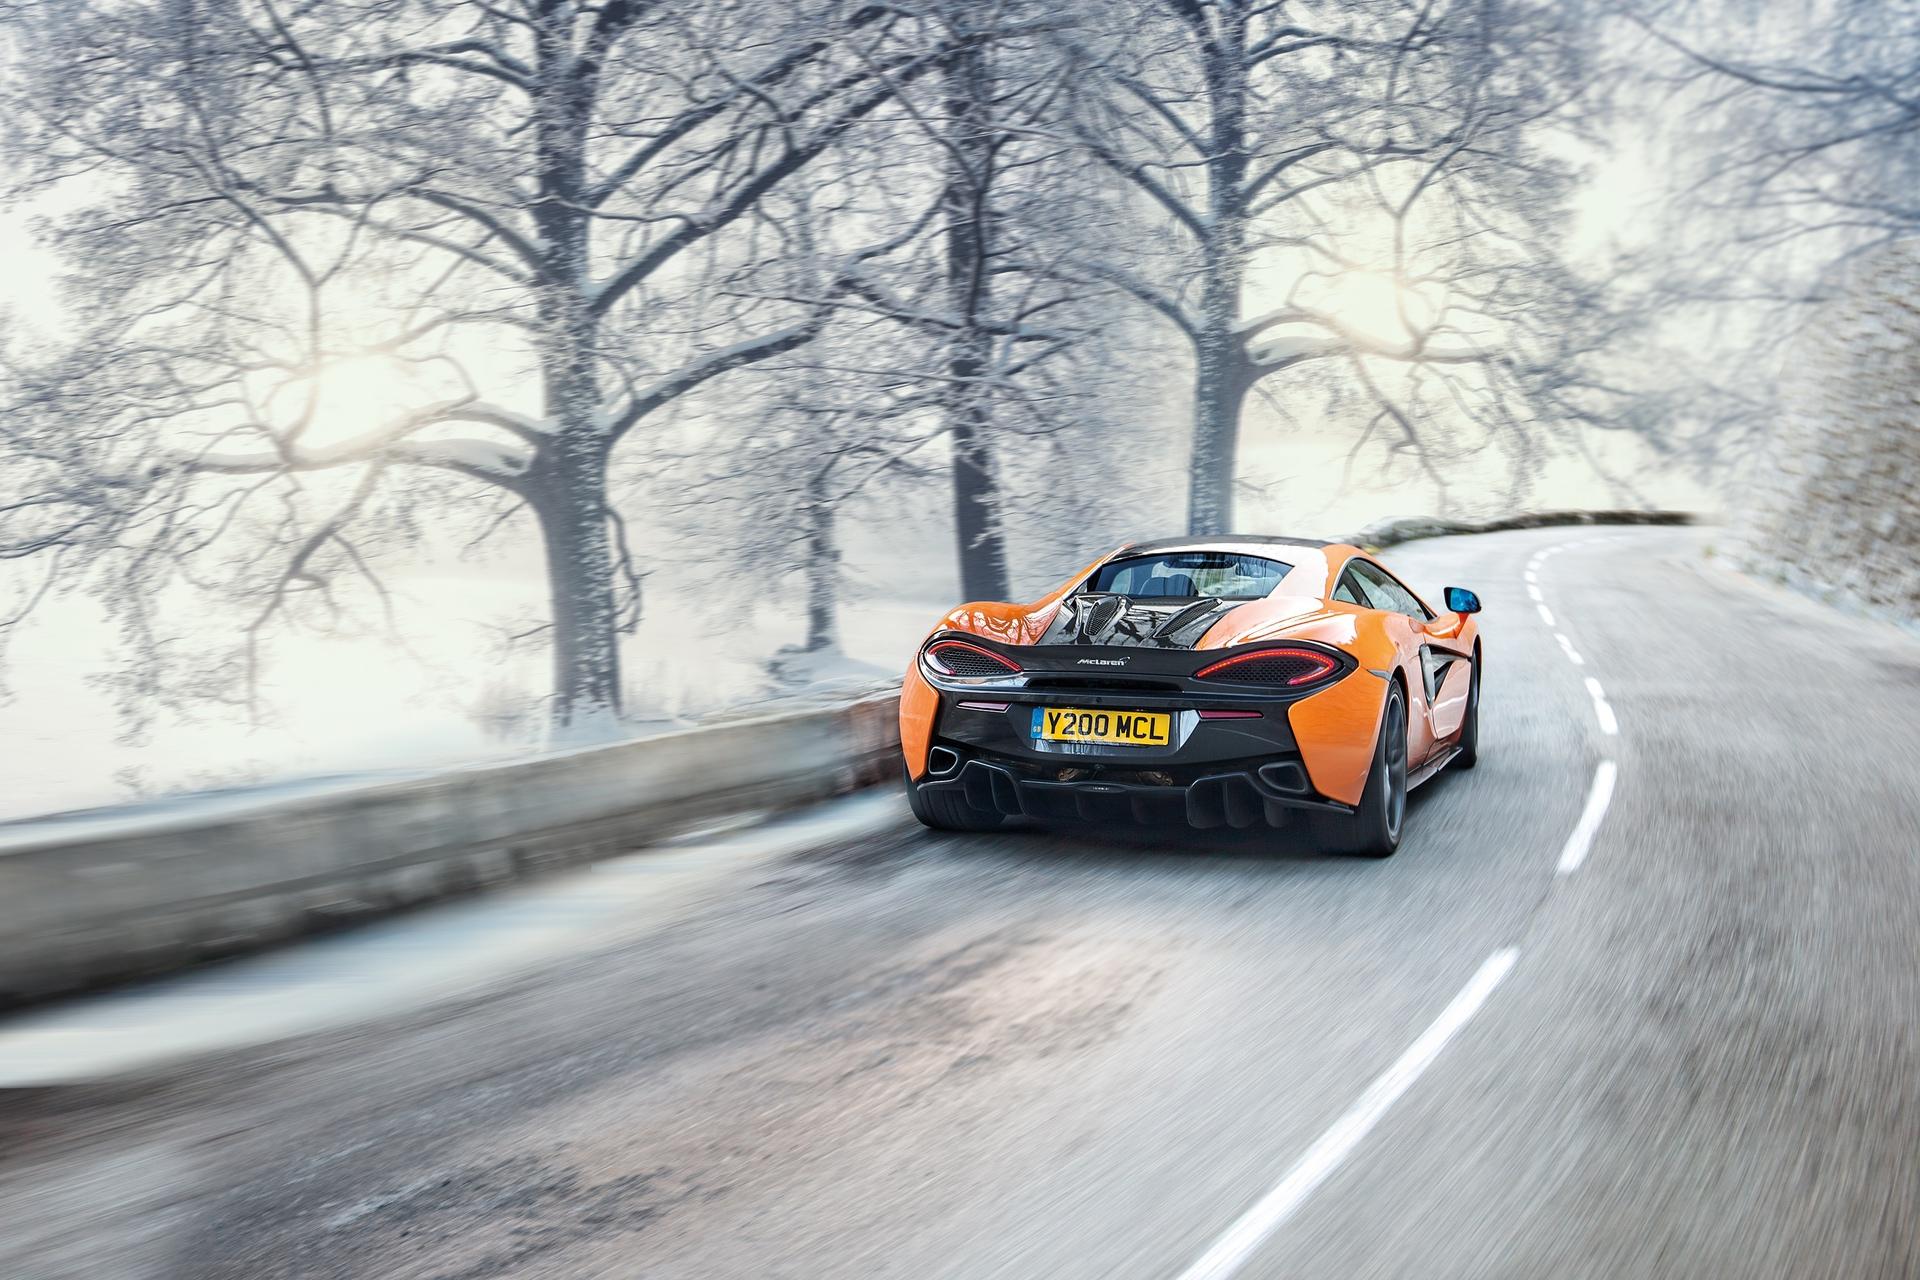 McLaren_Pirelli_winter_0002